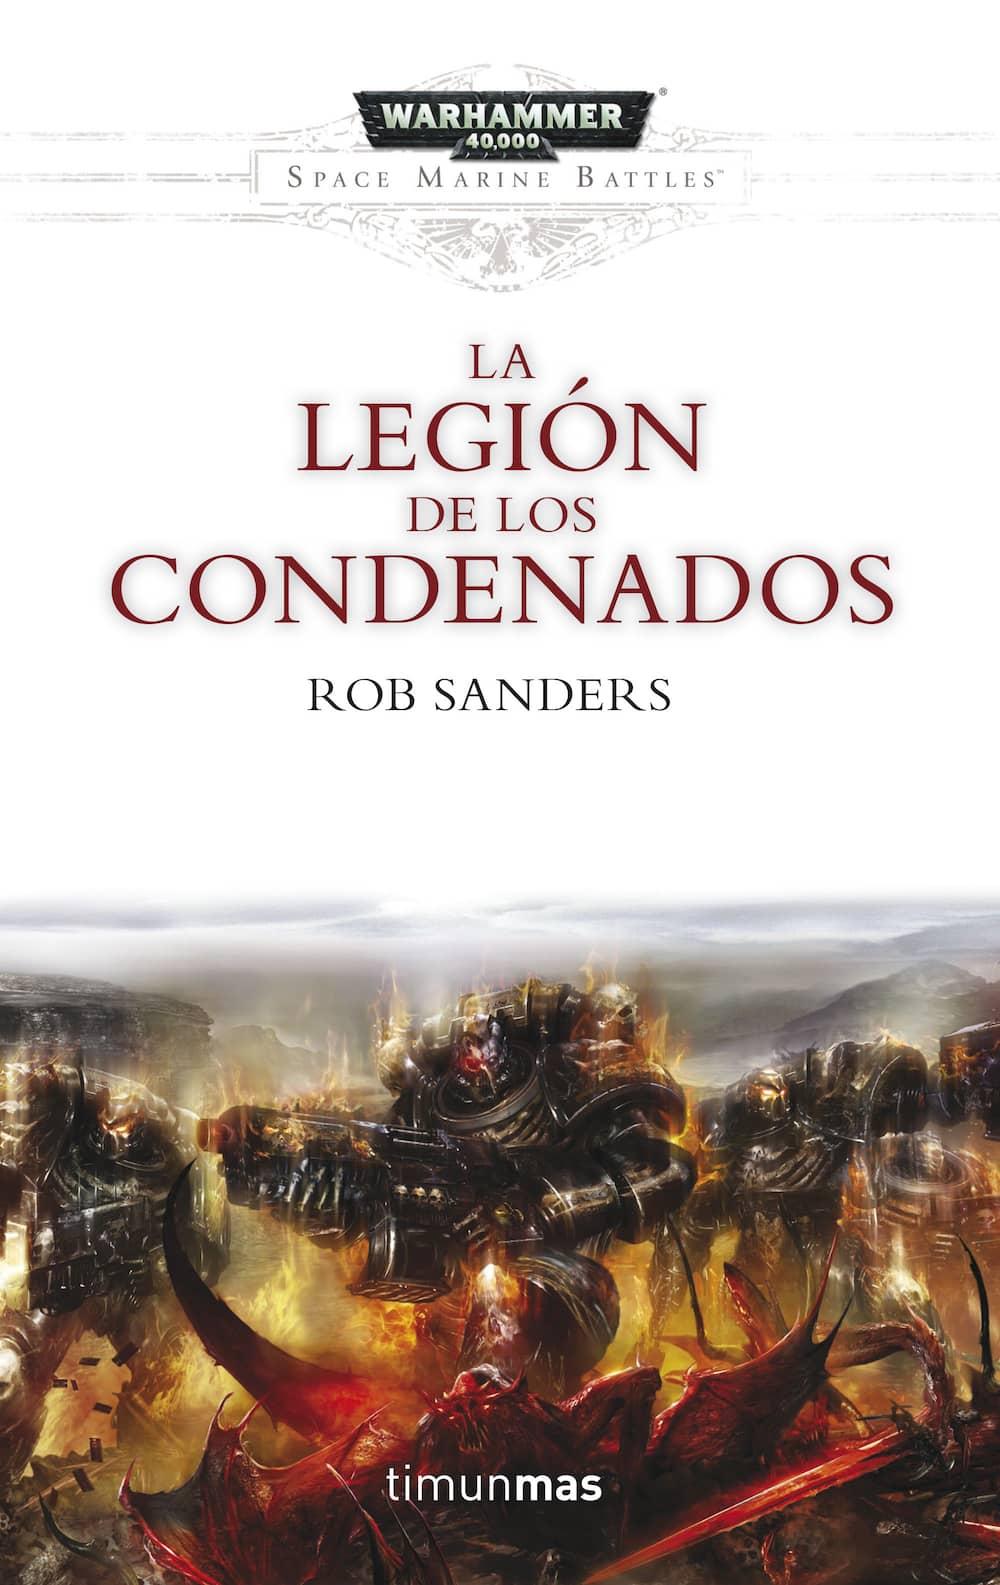 LA LEGION DE LOS CONDENADOS